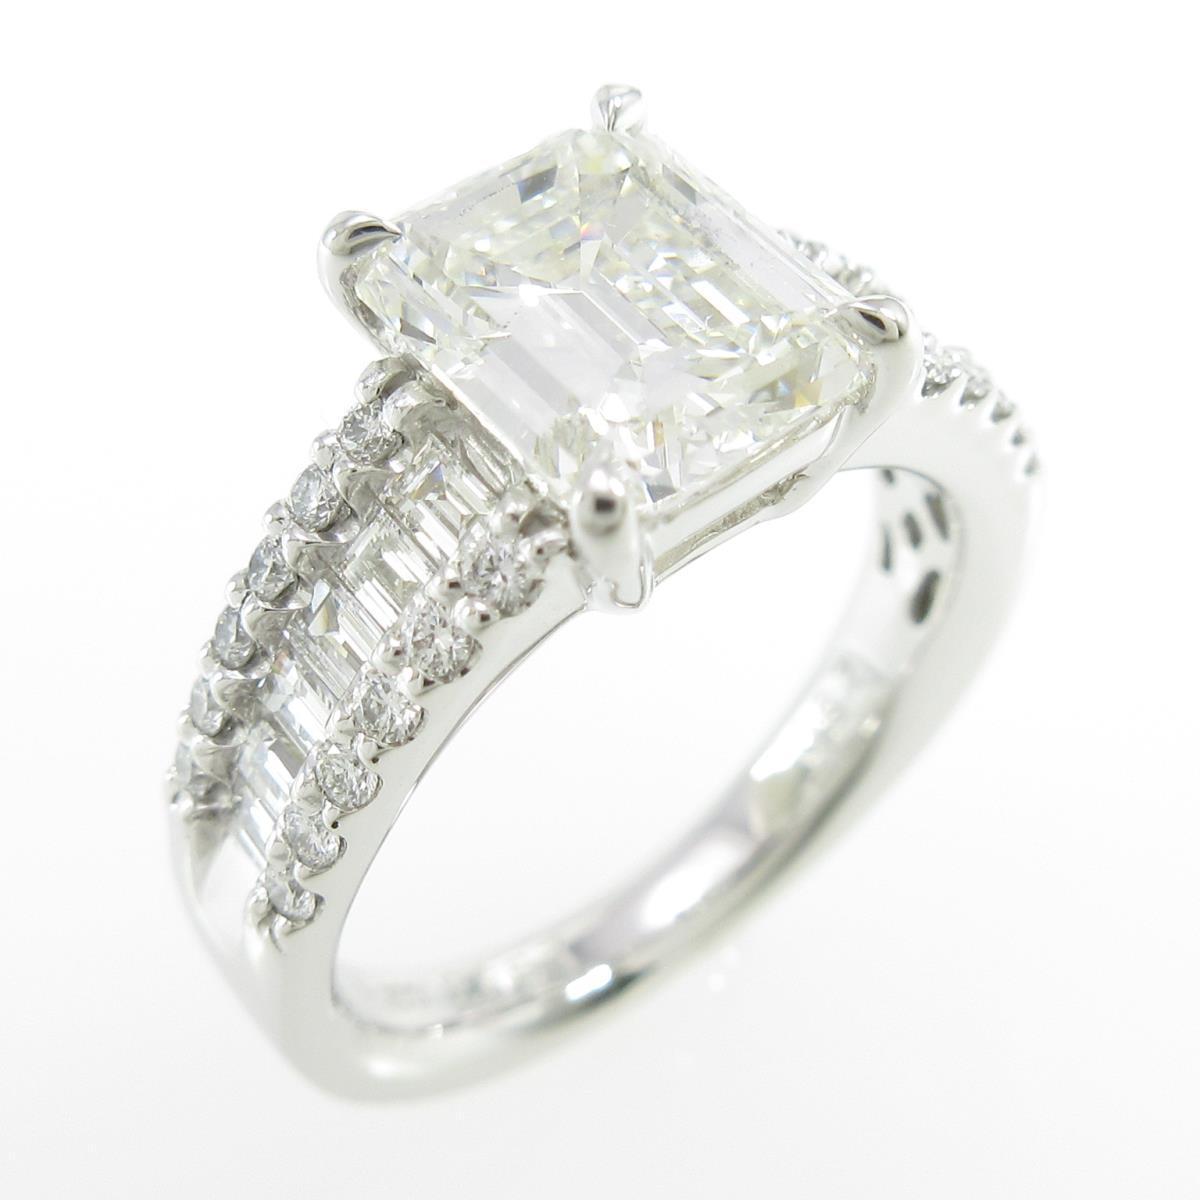 【リメイク】プラチナダイヤモンドリング 2.087ct・I・SI1・エメラルドカット【中古】